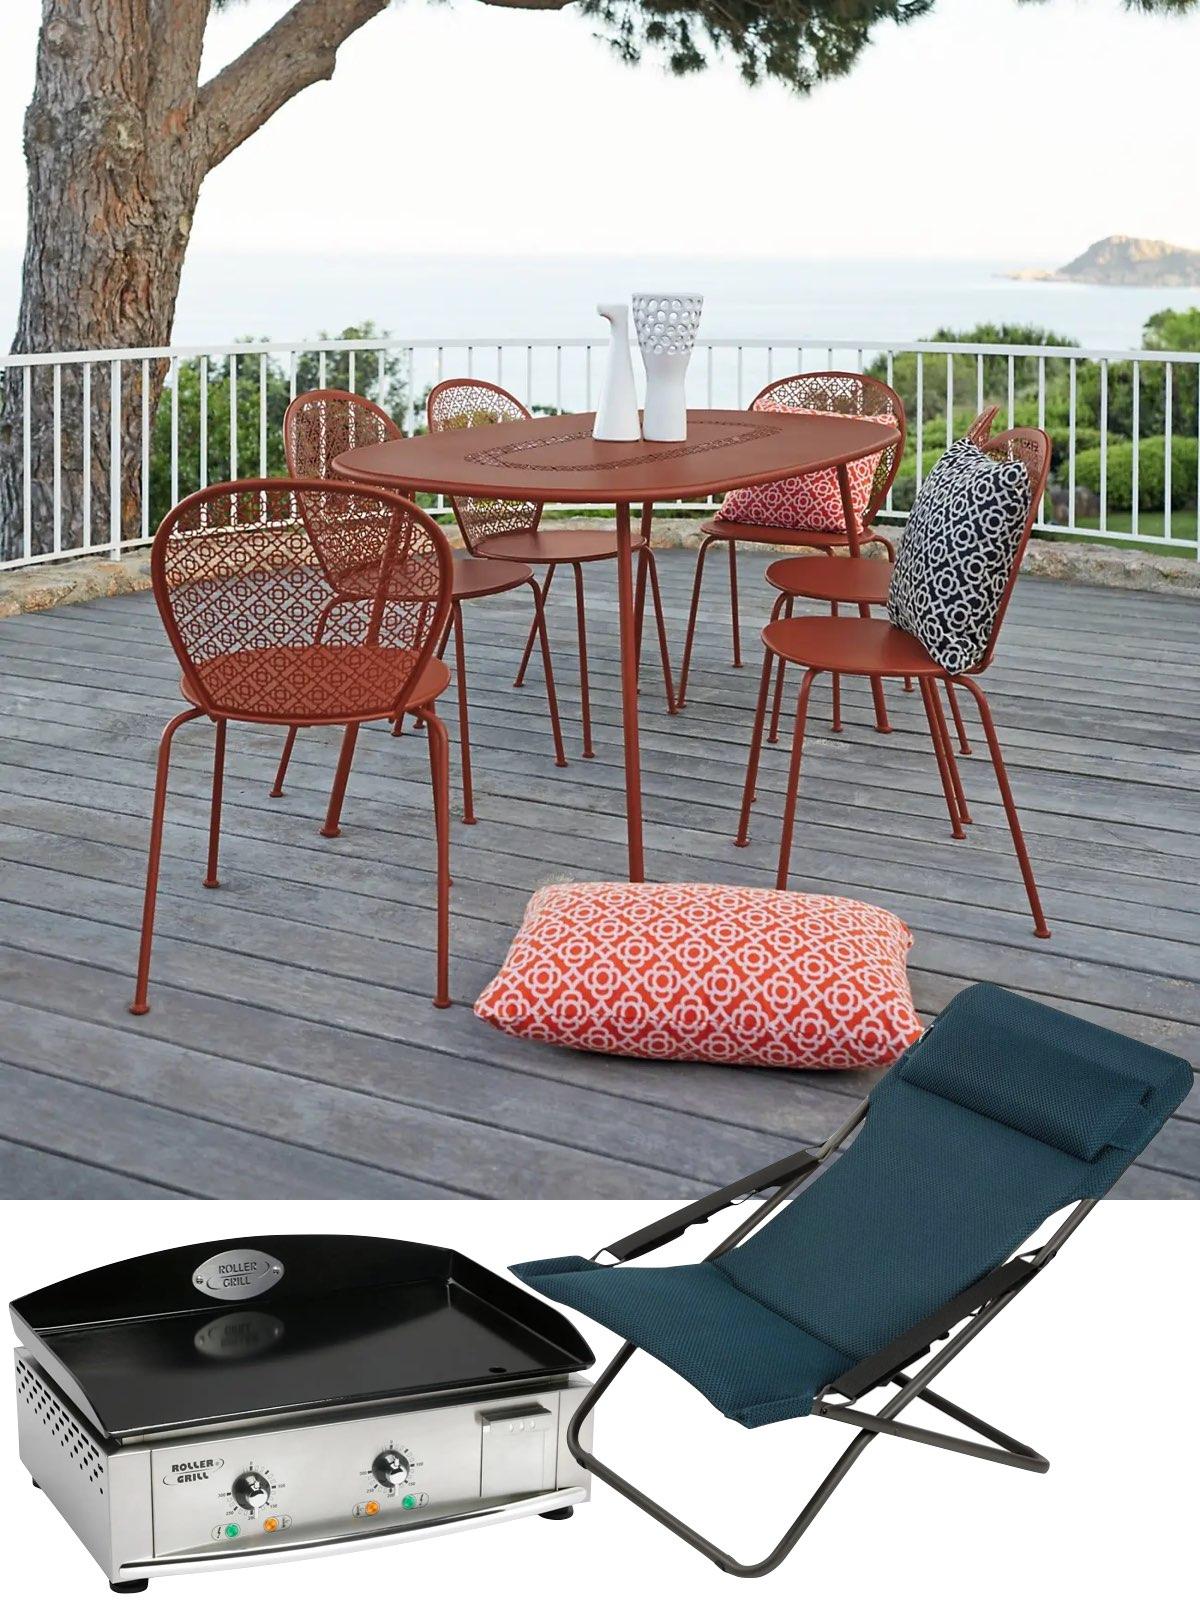 table de jardin rouge brique terracotta terrasse design